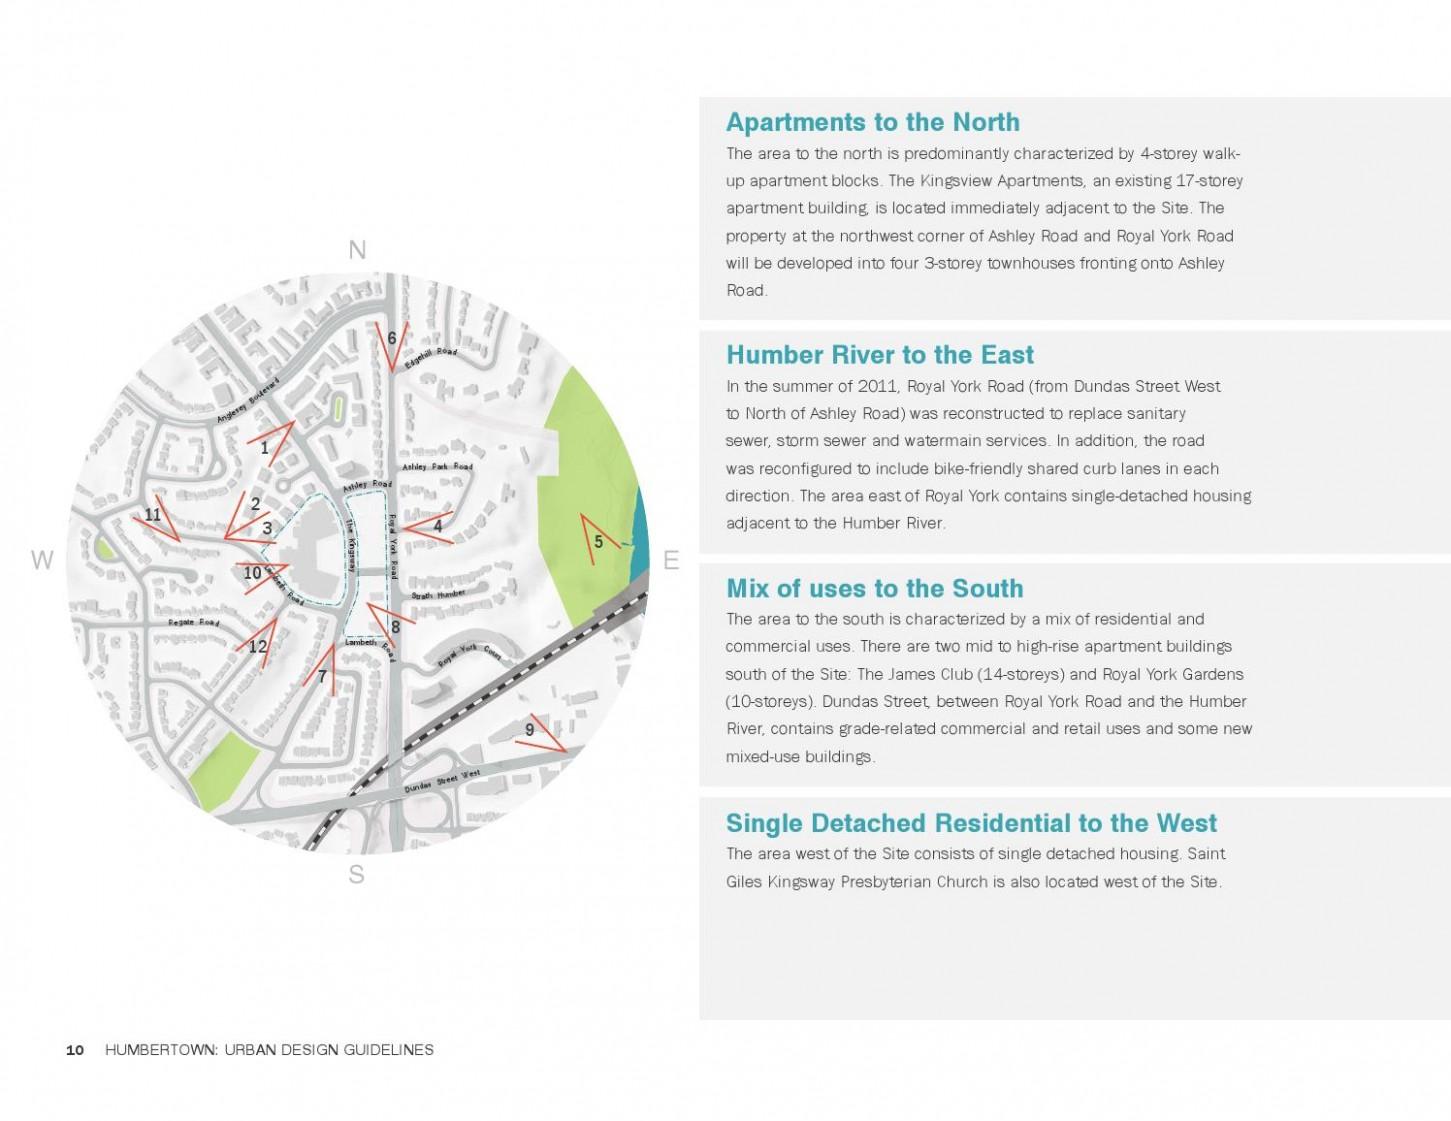 Humbertown Master Plan: Urban Design Guidelines by Urban  - Apartment Design Guidelines